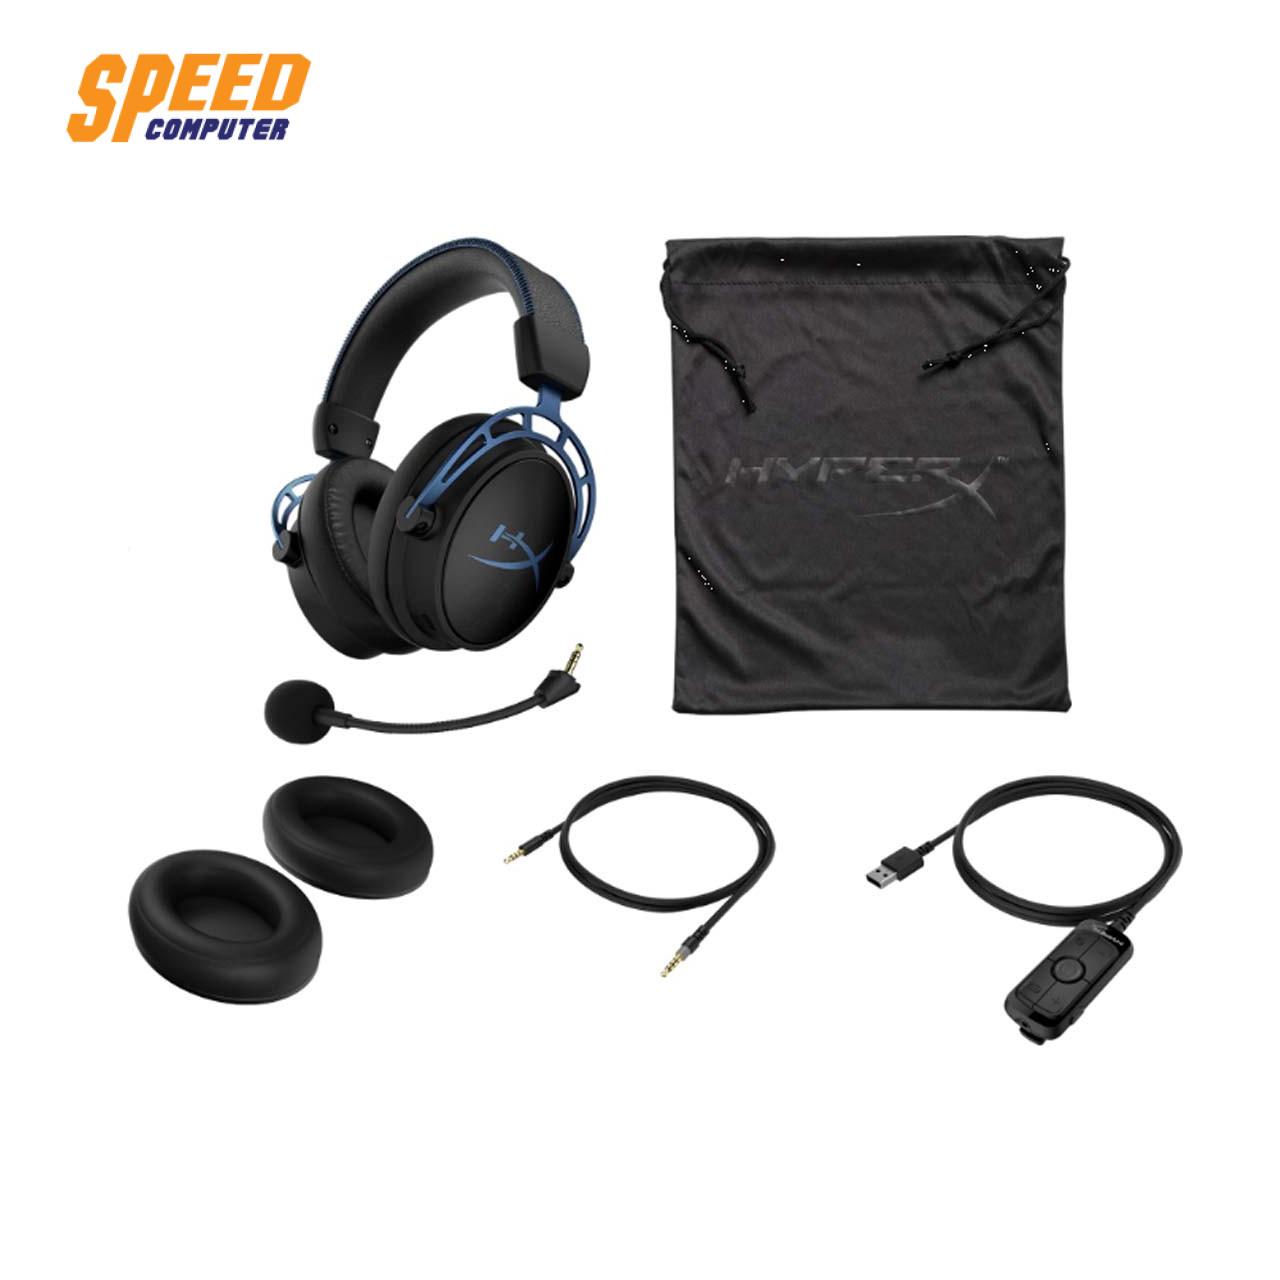 HEADSET (หูฟัง) HYPER X CLOUD ALPHA S BLUE | Speed Com |  สินค้าไอทีและเกมมิ่งเกียร์ ครบแล้วที่นี่ พร้อมจัดส่งทั่วประเทศไทย